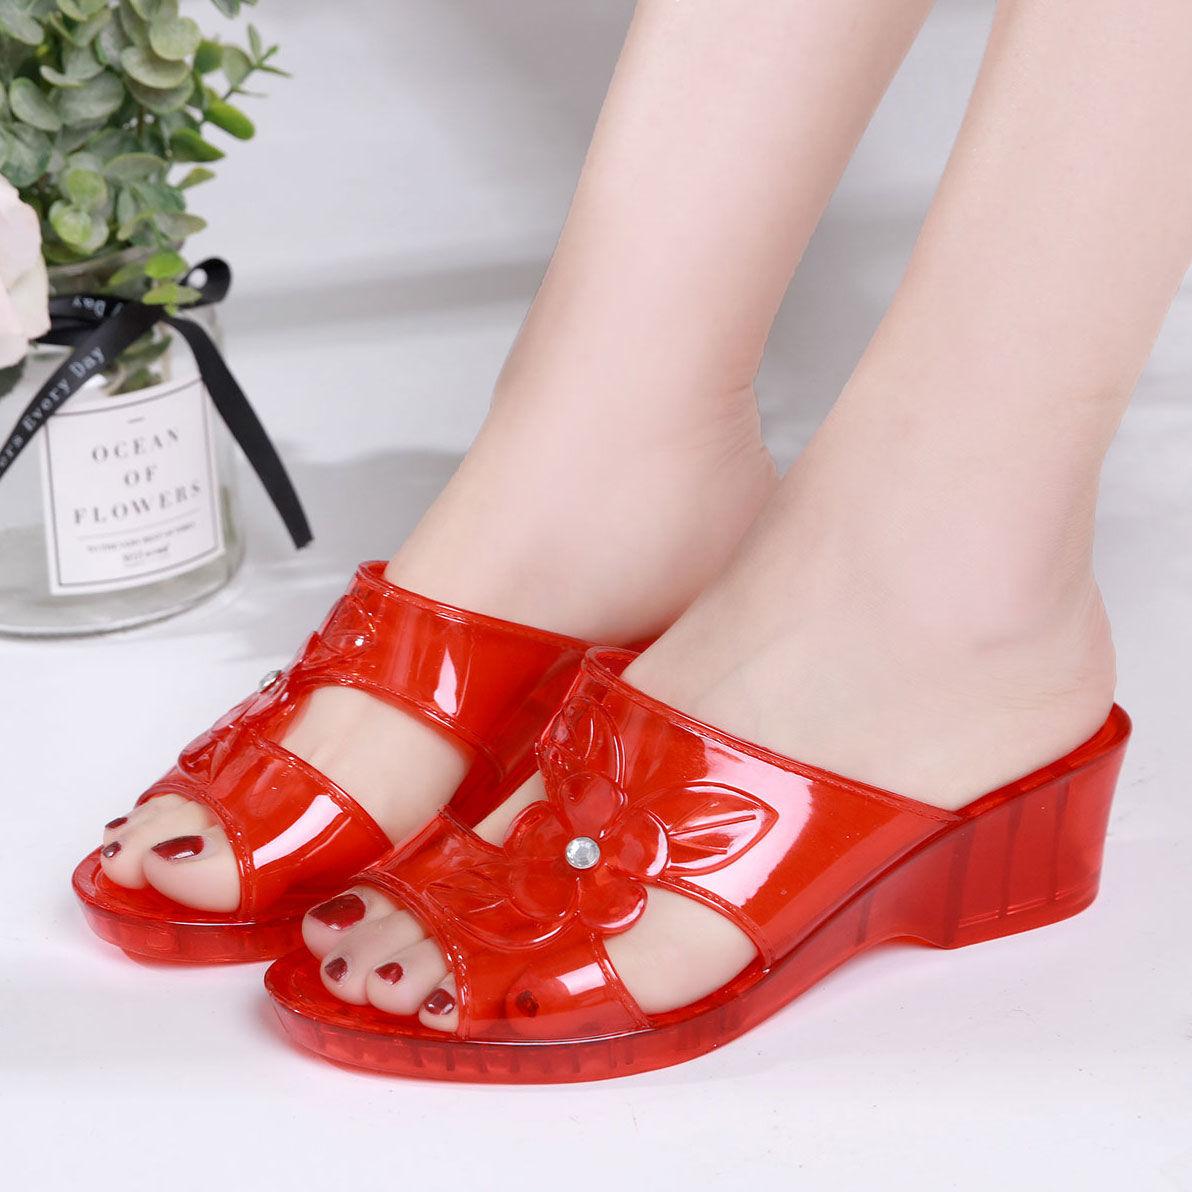 水晶果冻拖鞋使用感受